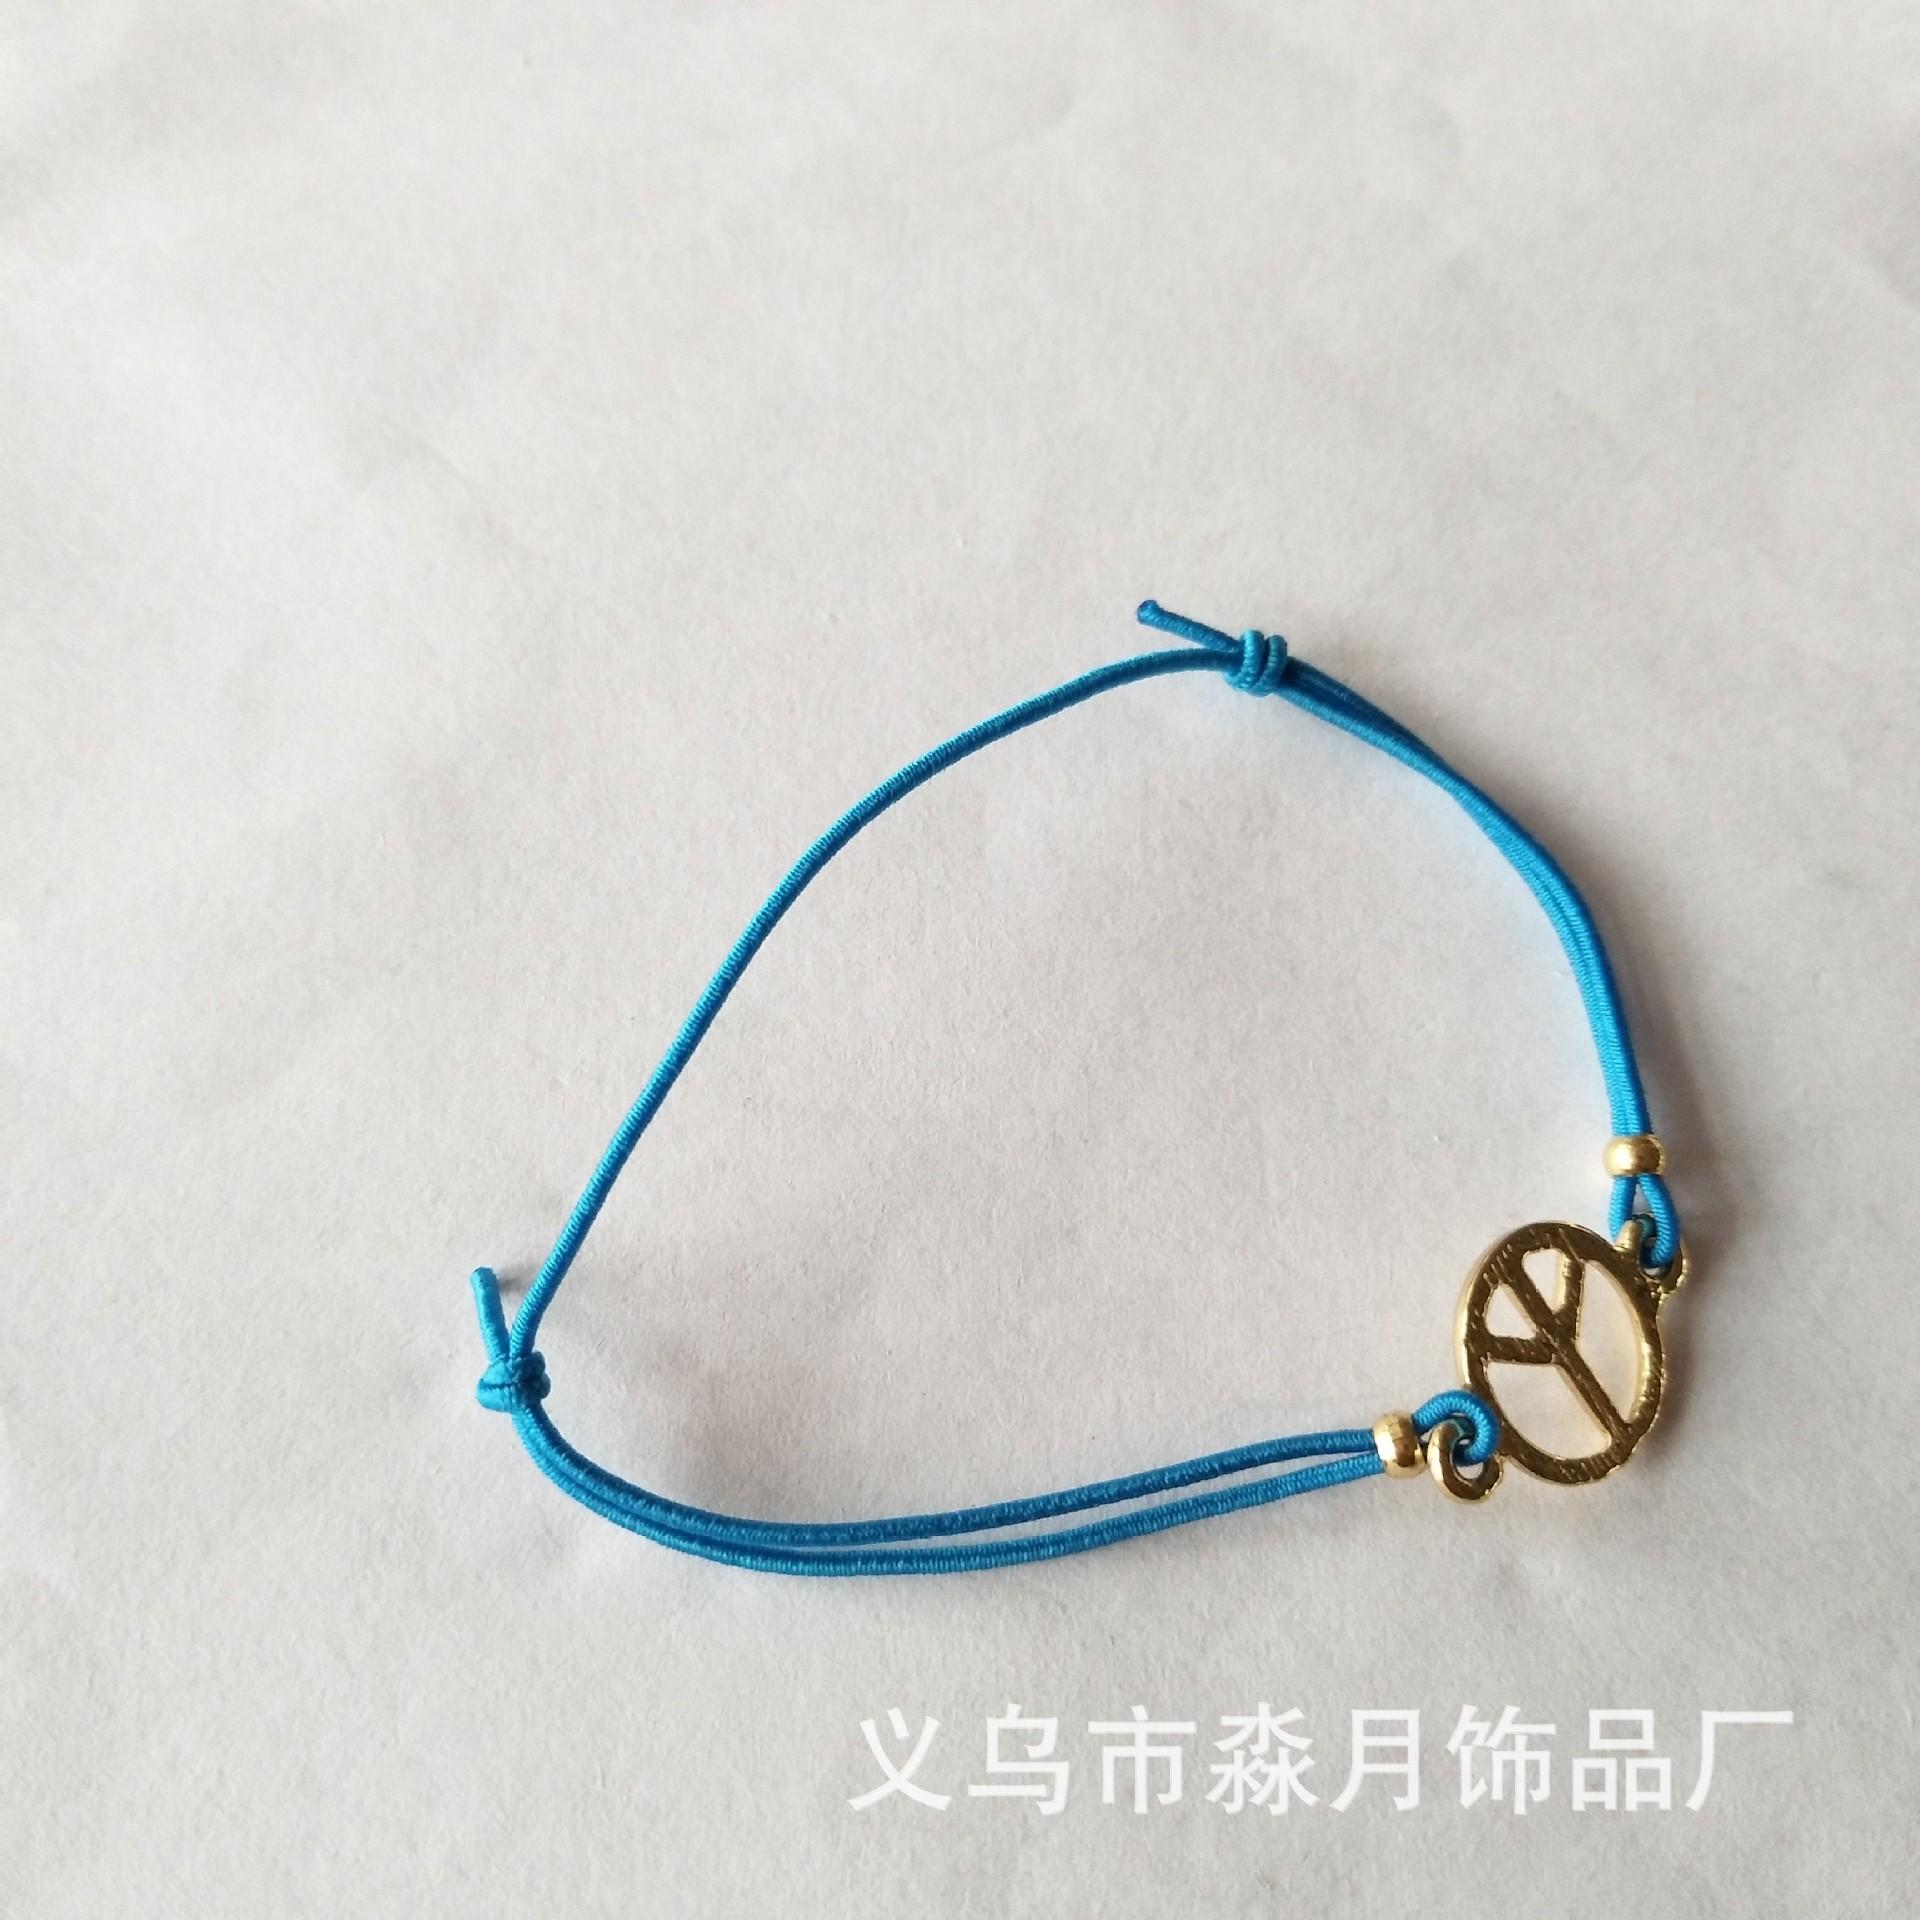 礼品定制蜡绳编织木珠手绳合金电镀古铜树叶形吊坠手链活赠品